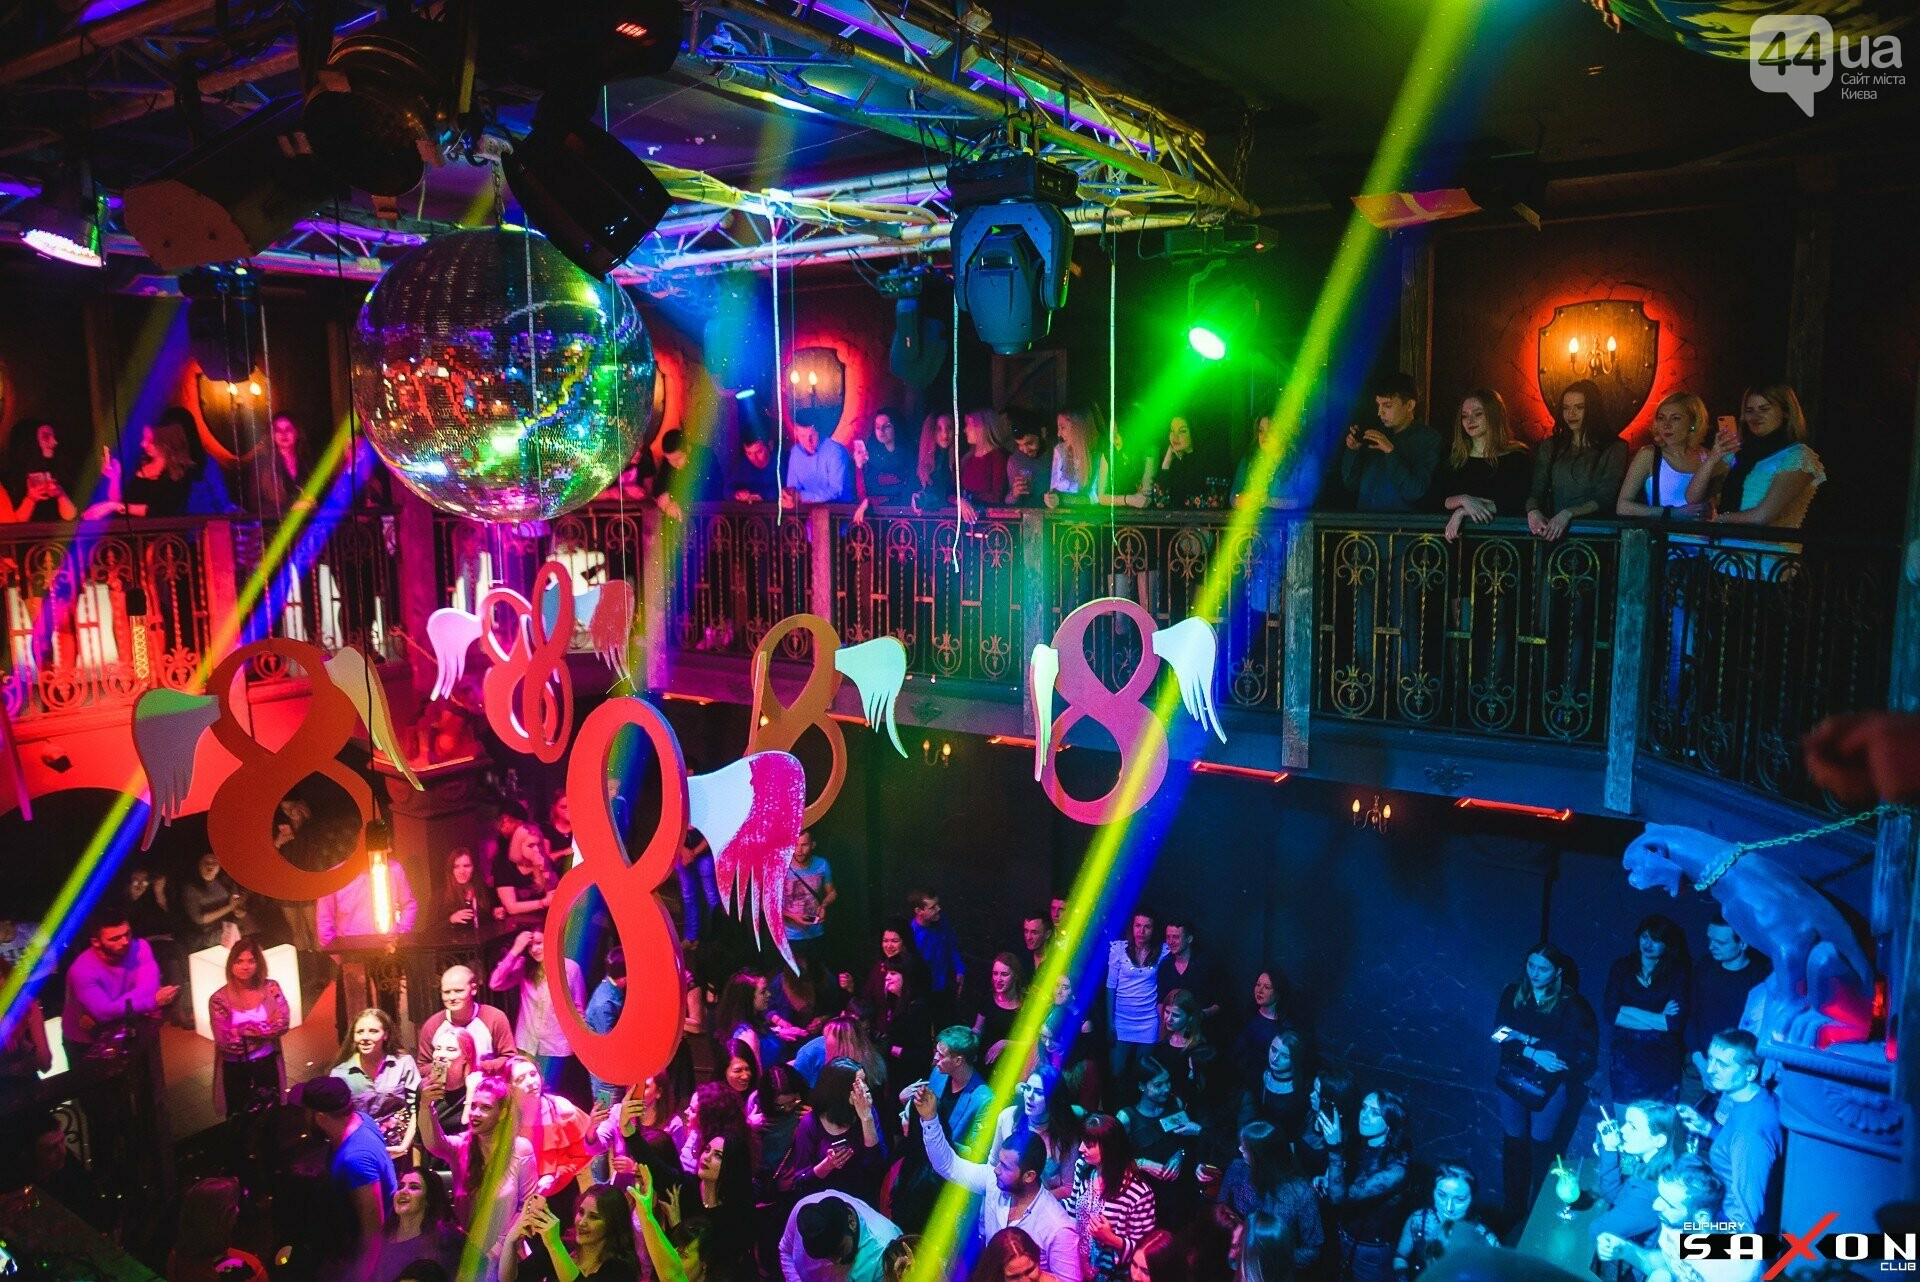 Дамские клубы ночные популярные ночные клубы в архангельске